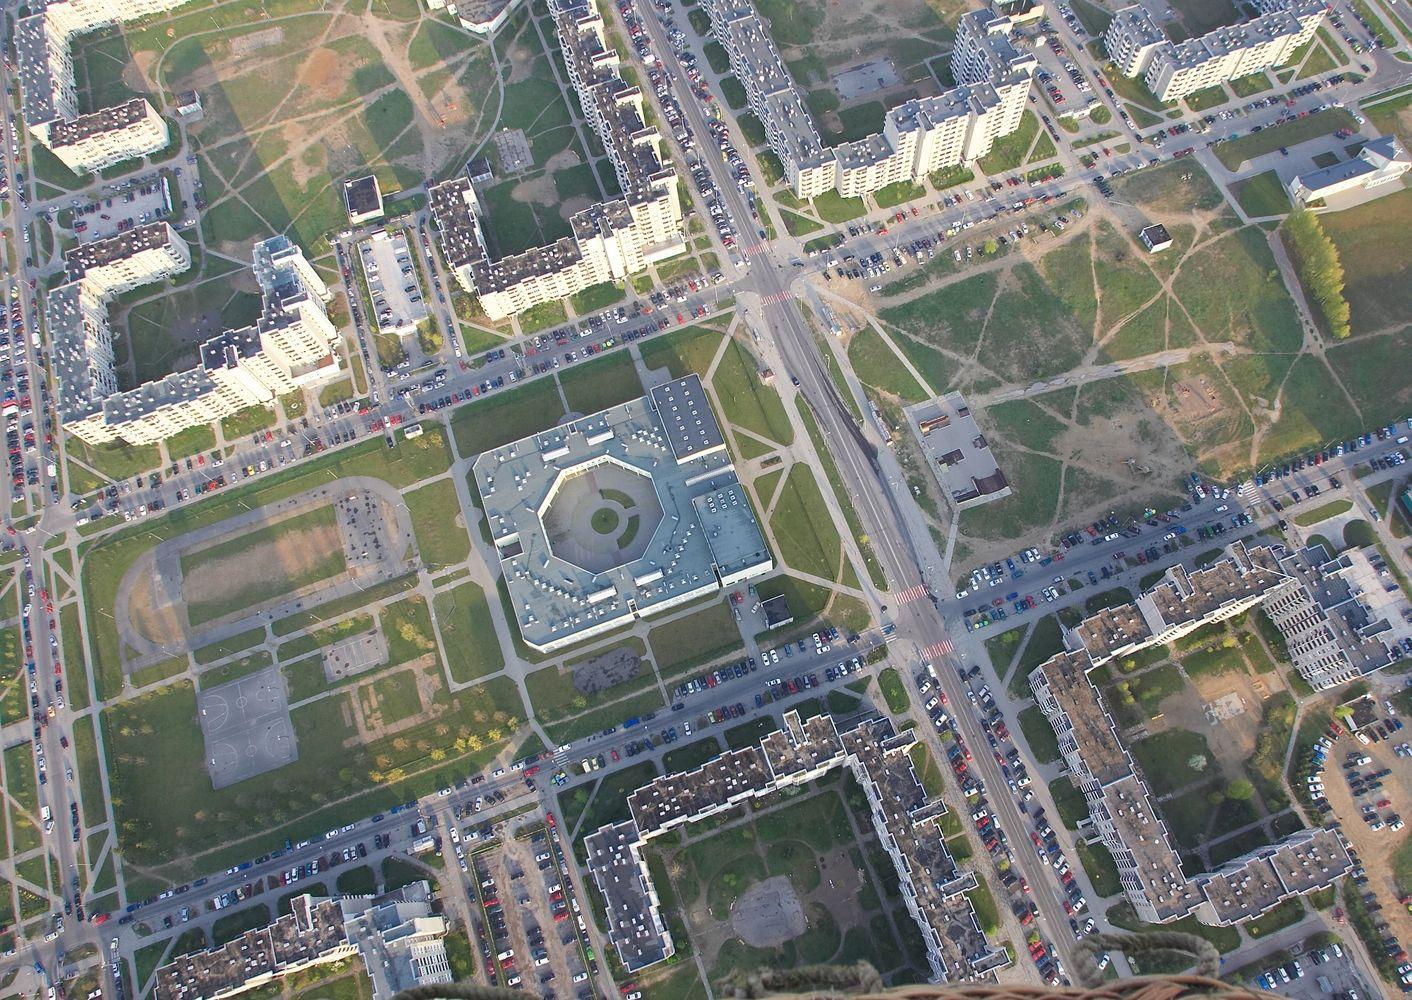 Vilniaus savivaldybė kviečia architektus siūlyti idėjas naujai Pilaitės gimnazijai